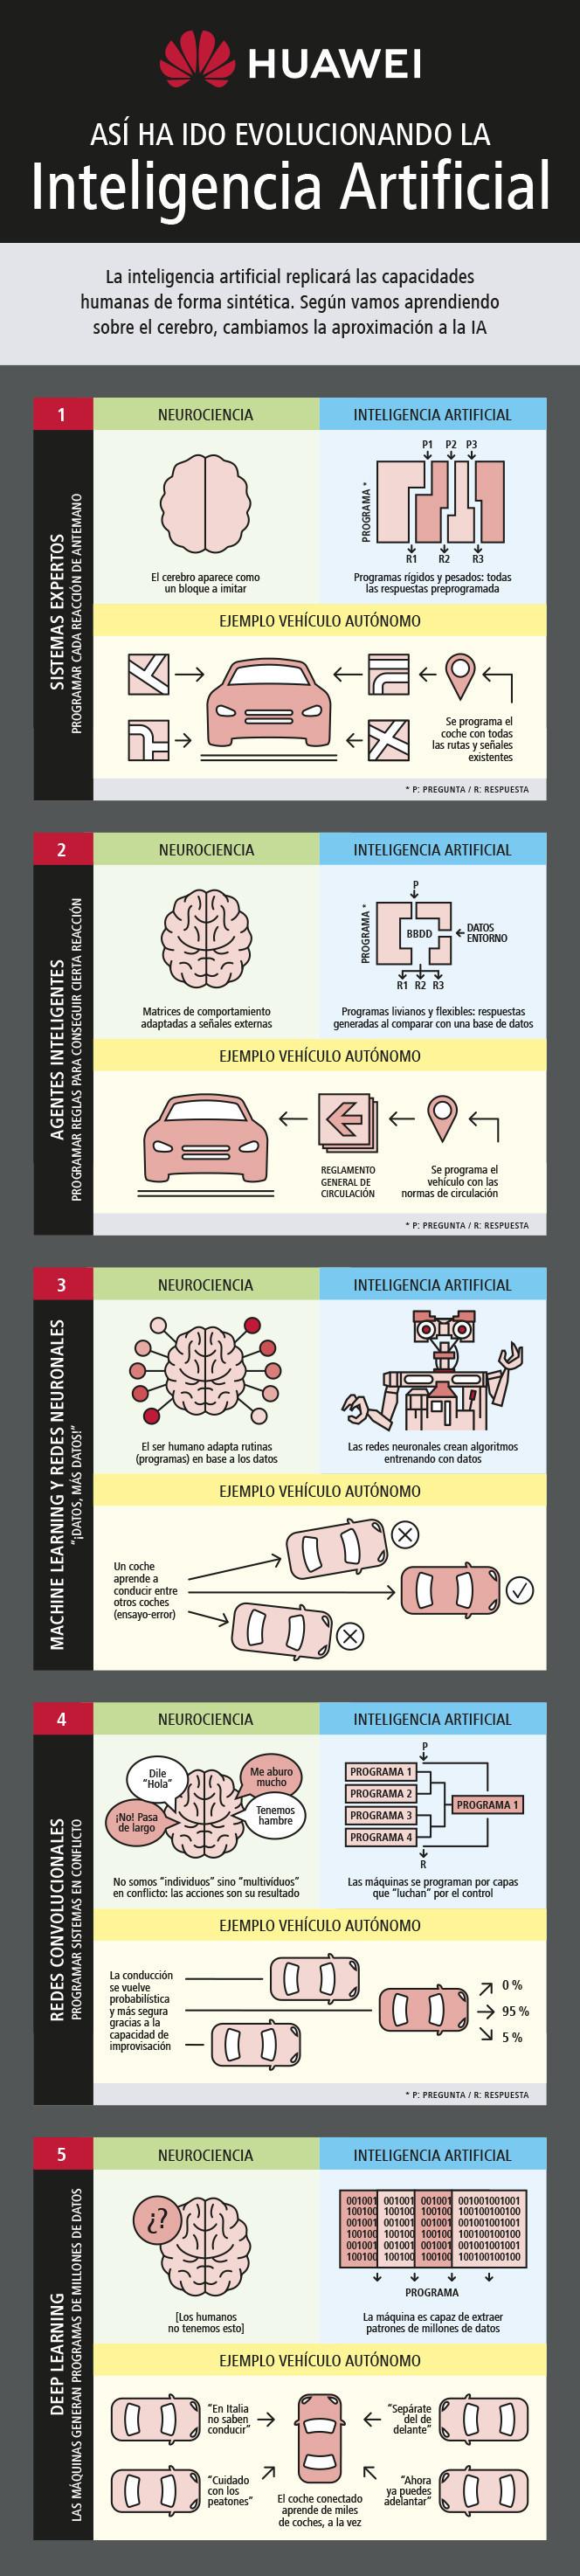 Evolución de la Inteligencia Artificial